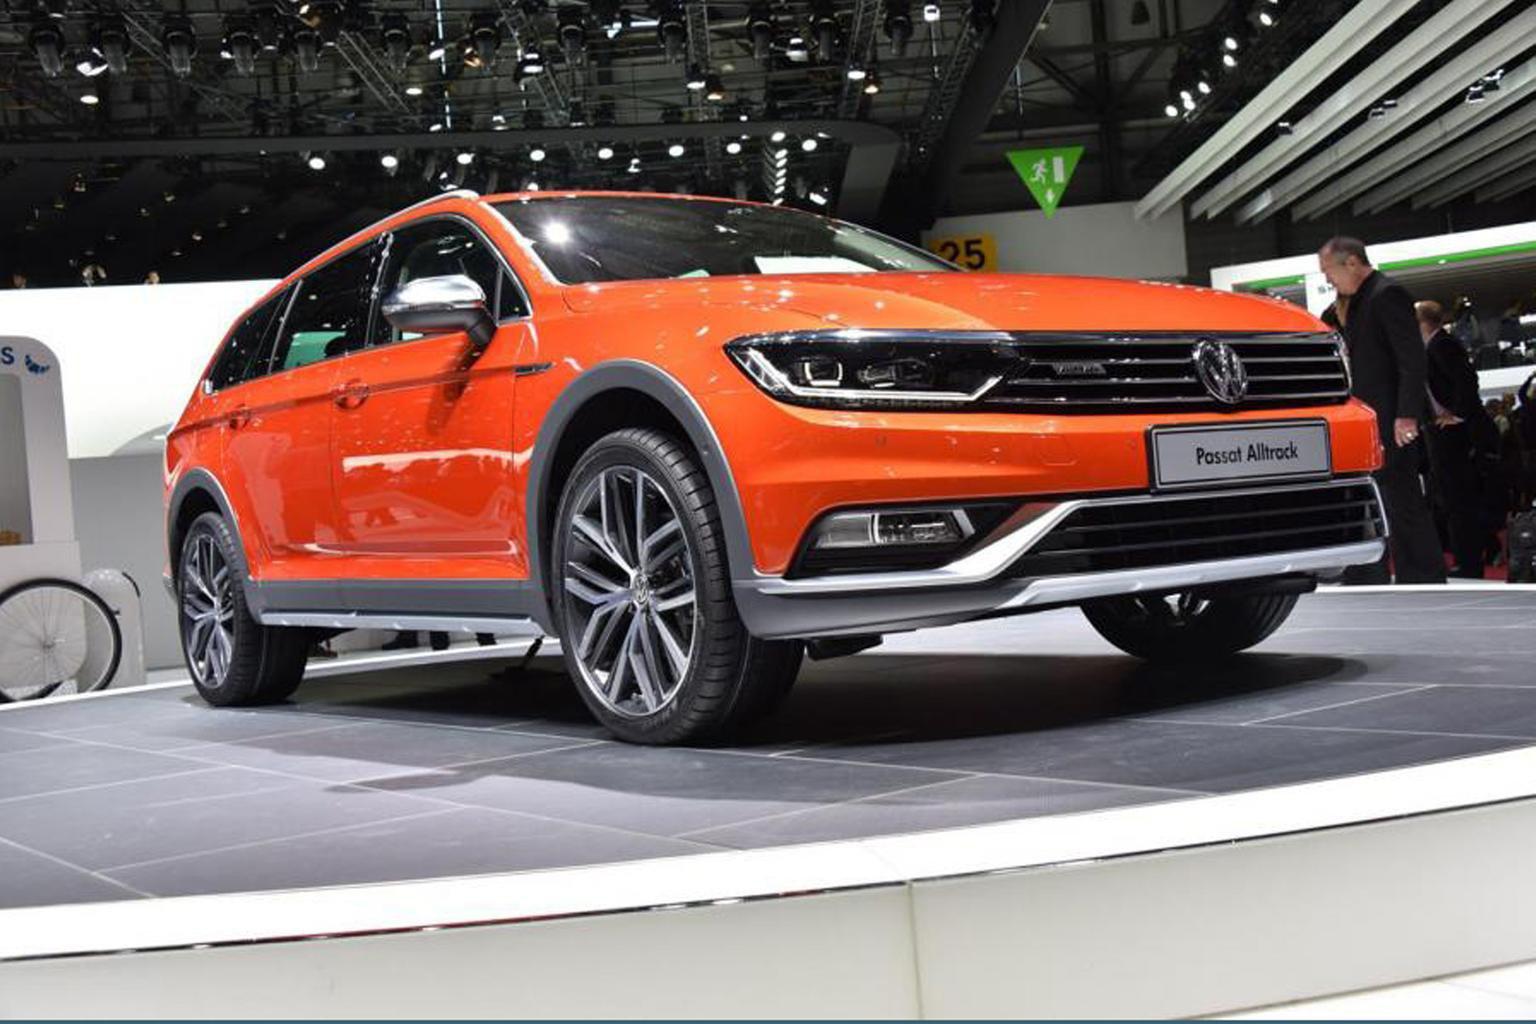 Volkswagen Passat Alltrack revealed at Geneva motor show